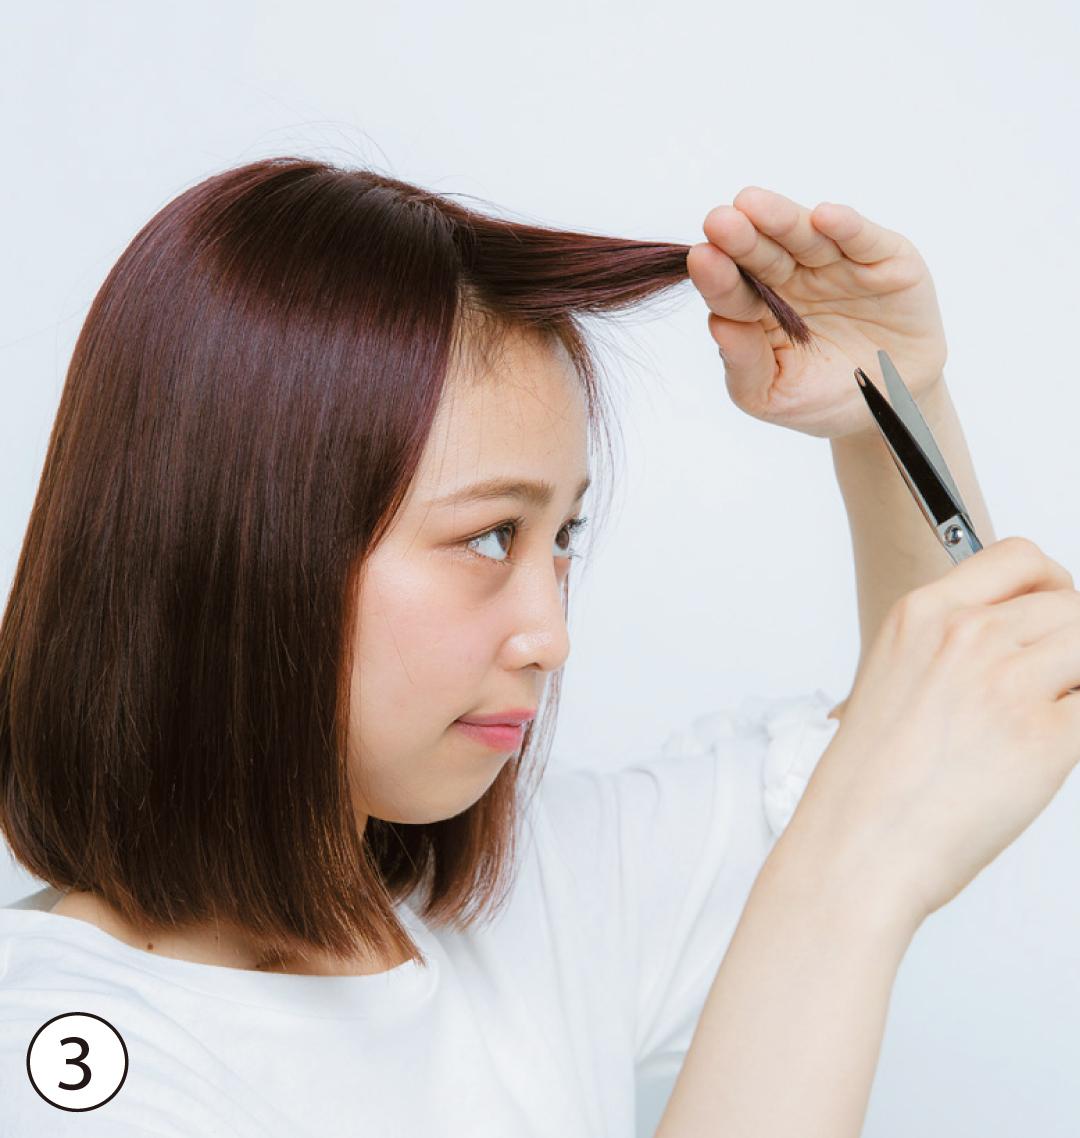 前髪だけで小顔♡ 渡邉理佐で実証&切り方の超丁寧解説つき!_1_5-3